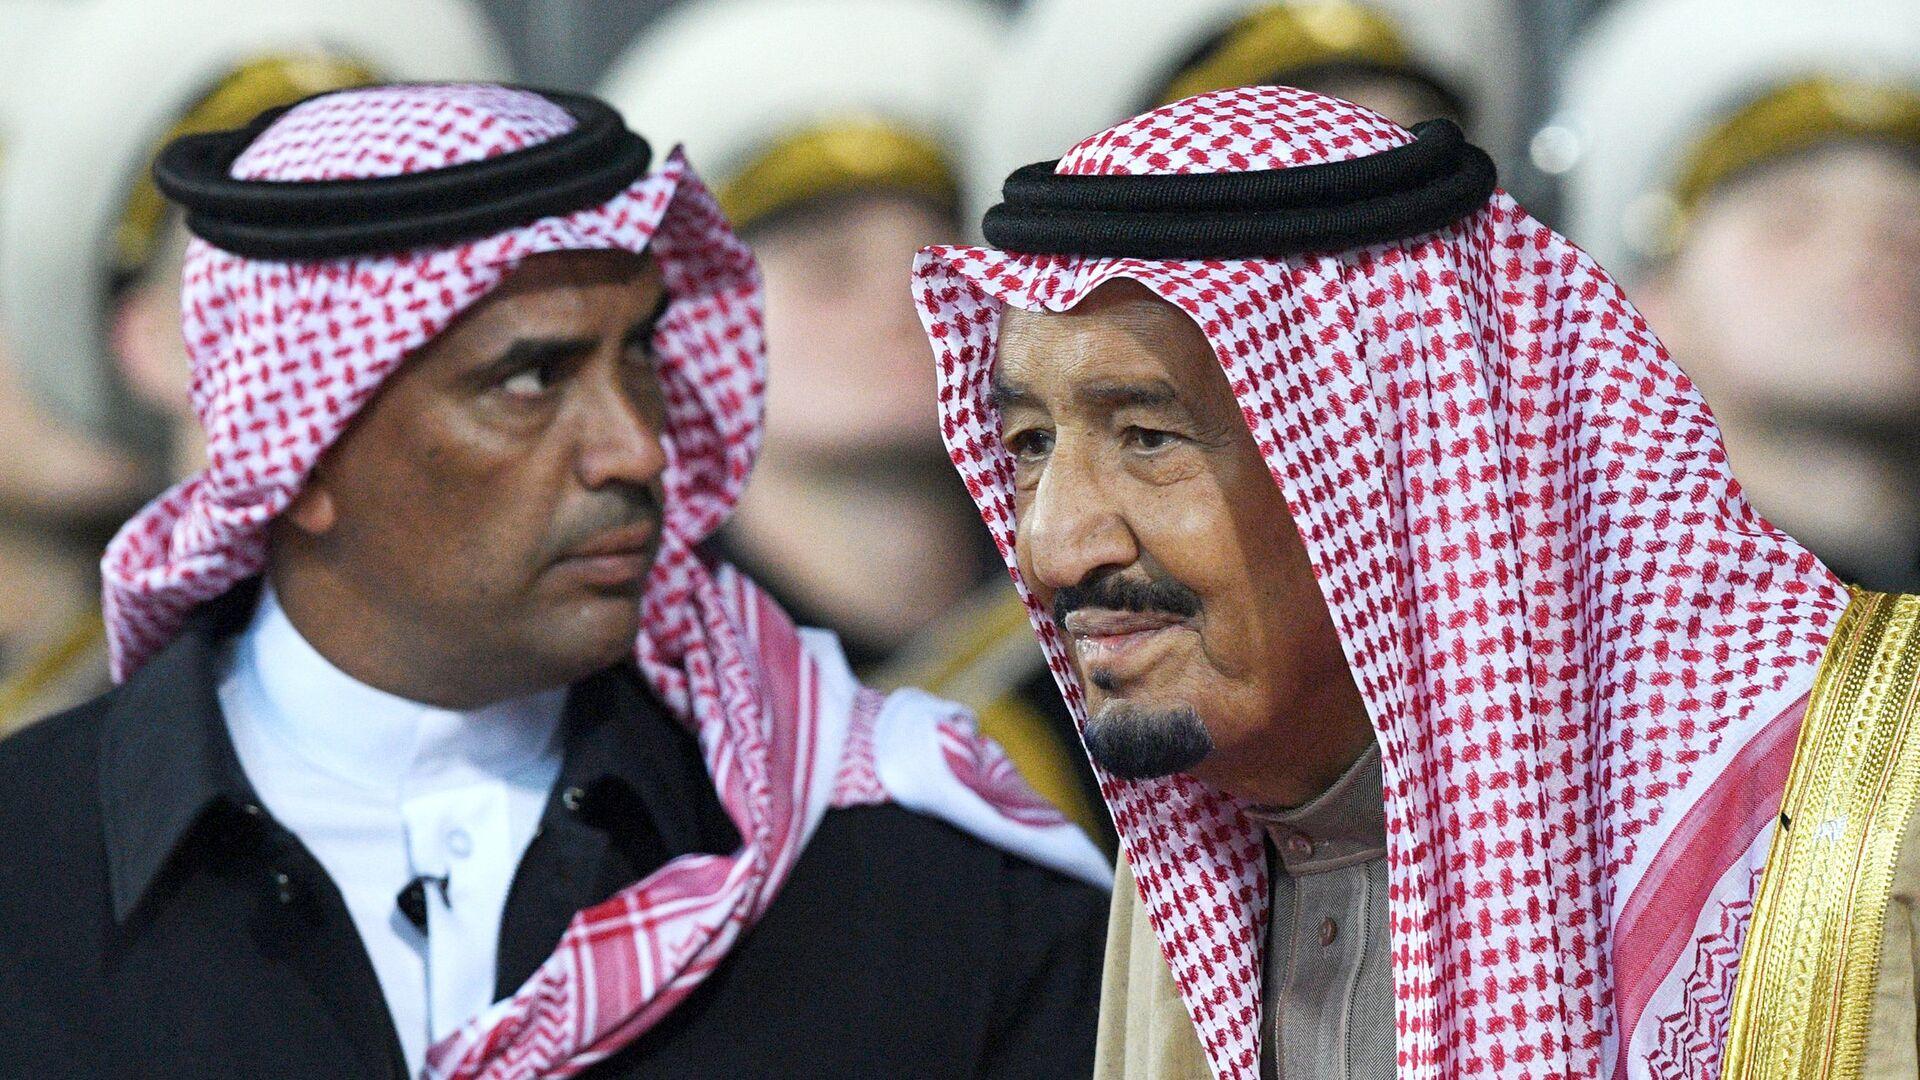 Король Саудовской Аравии Салман бен Абдель Азиз Аль Сауд в аэропорту Внуково-2 - РИА Новости, 1920, 12.05.2021